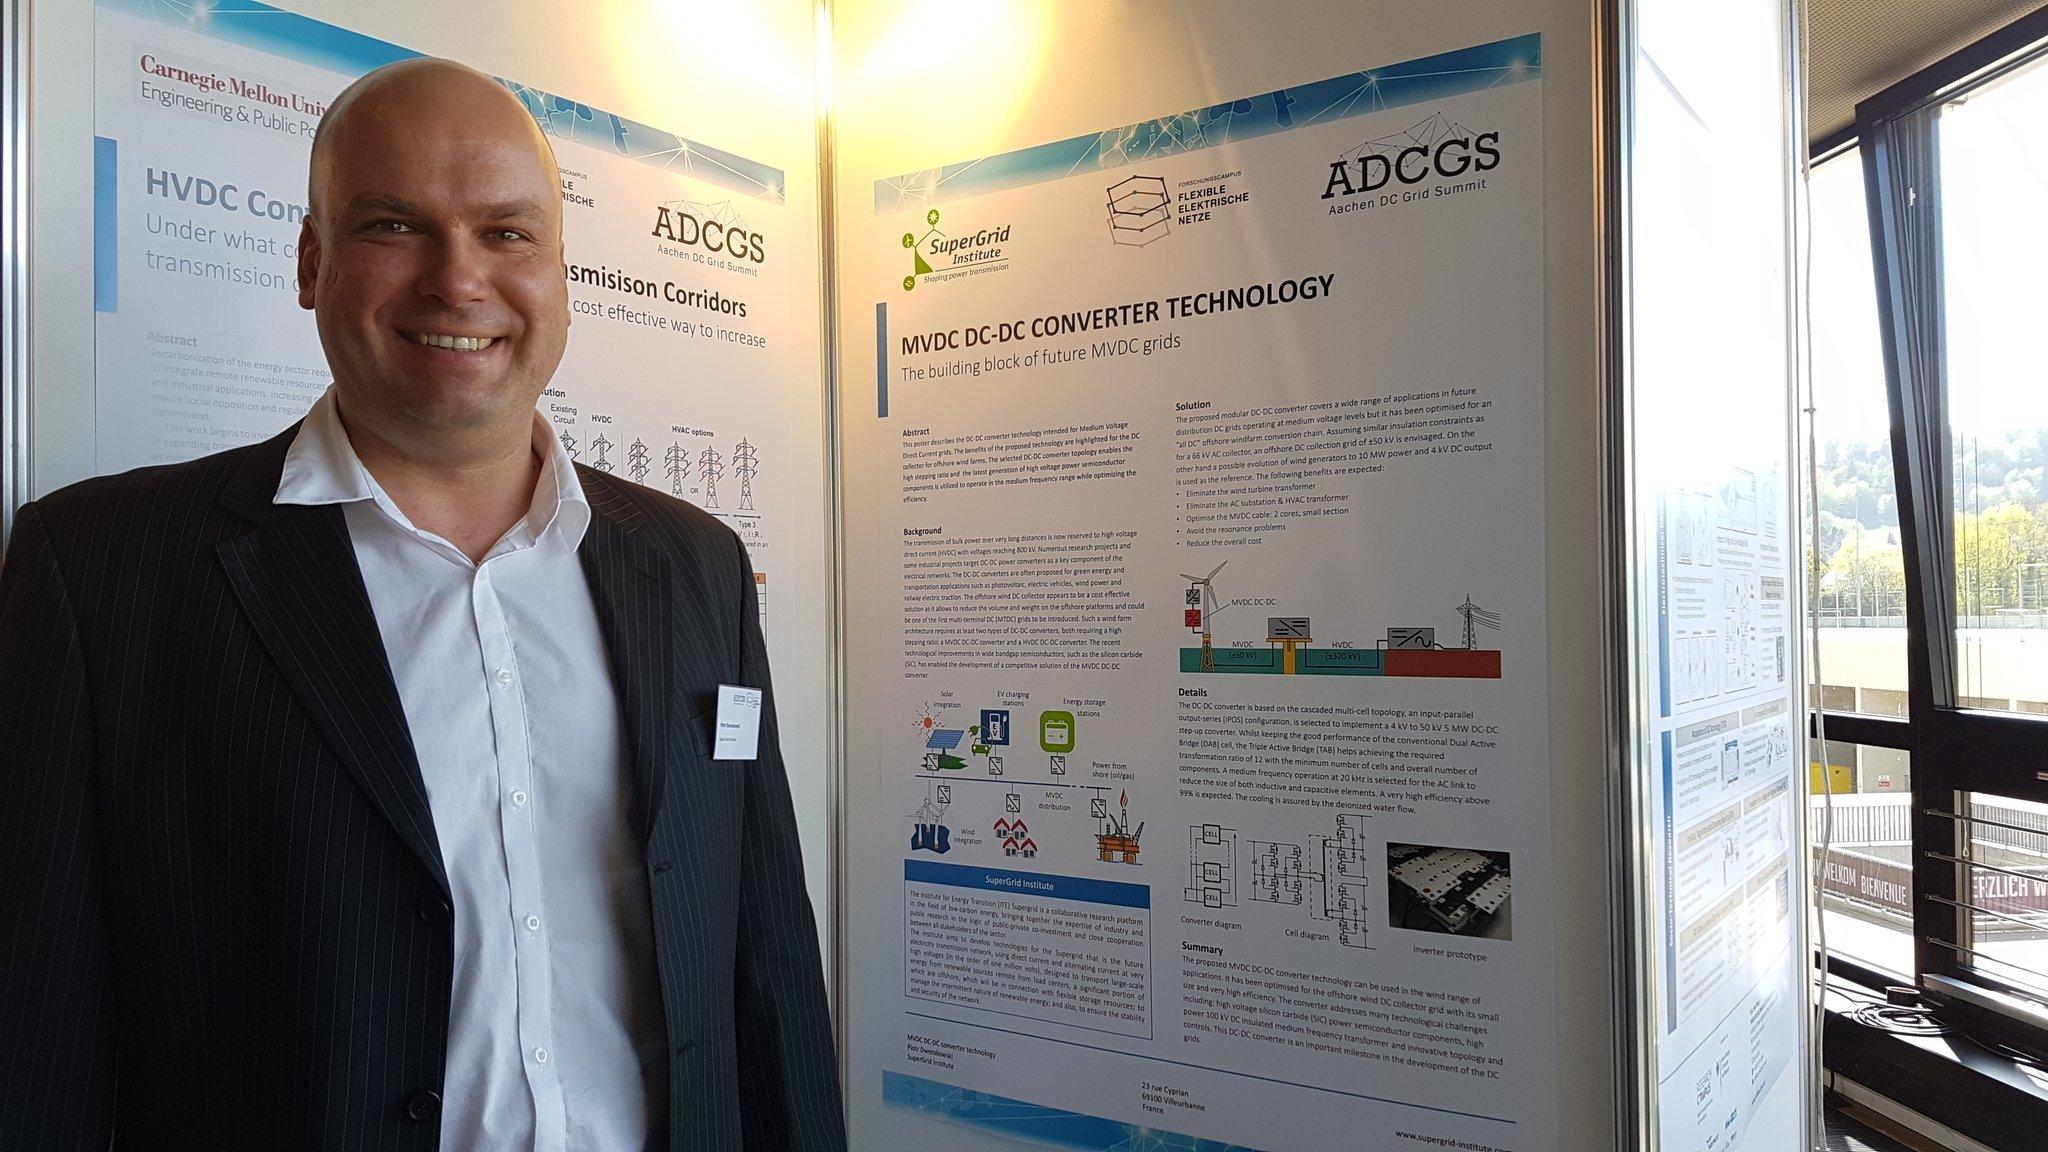 ADCGS_Aachen_DC_Grid_Summit_Piotr_DWORAKOWSKI_poster_SUPERGRID_INSTITUTE